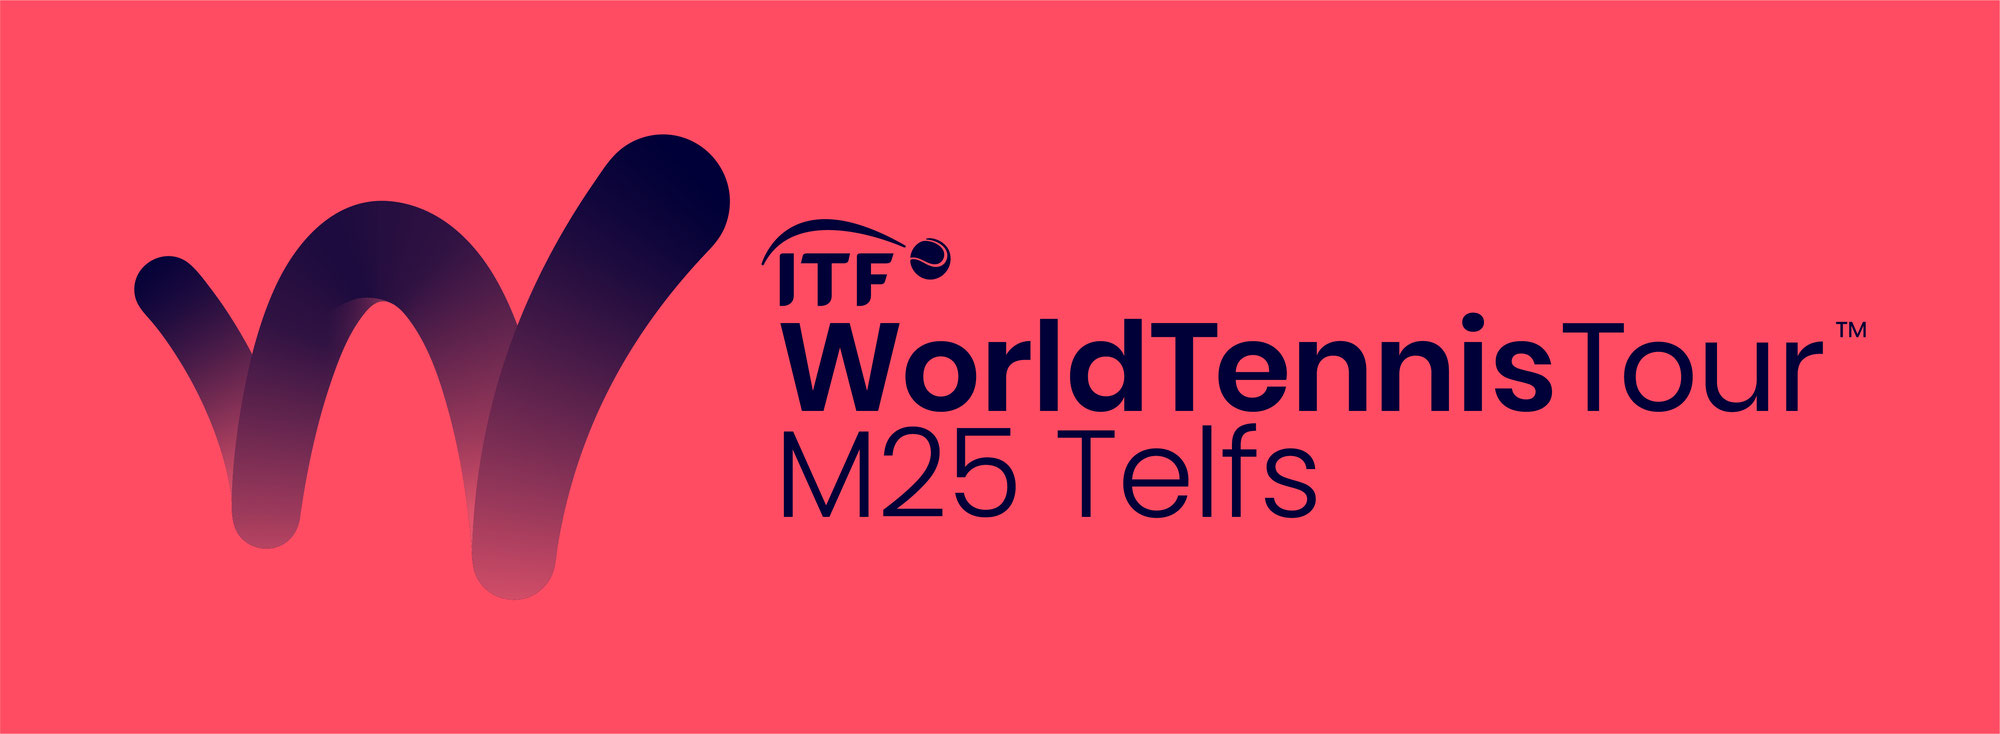 Aufschlag für die 2. Auflage der ITF Raiffeisen World Tennis Tour in Telfs